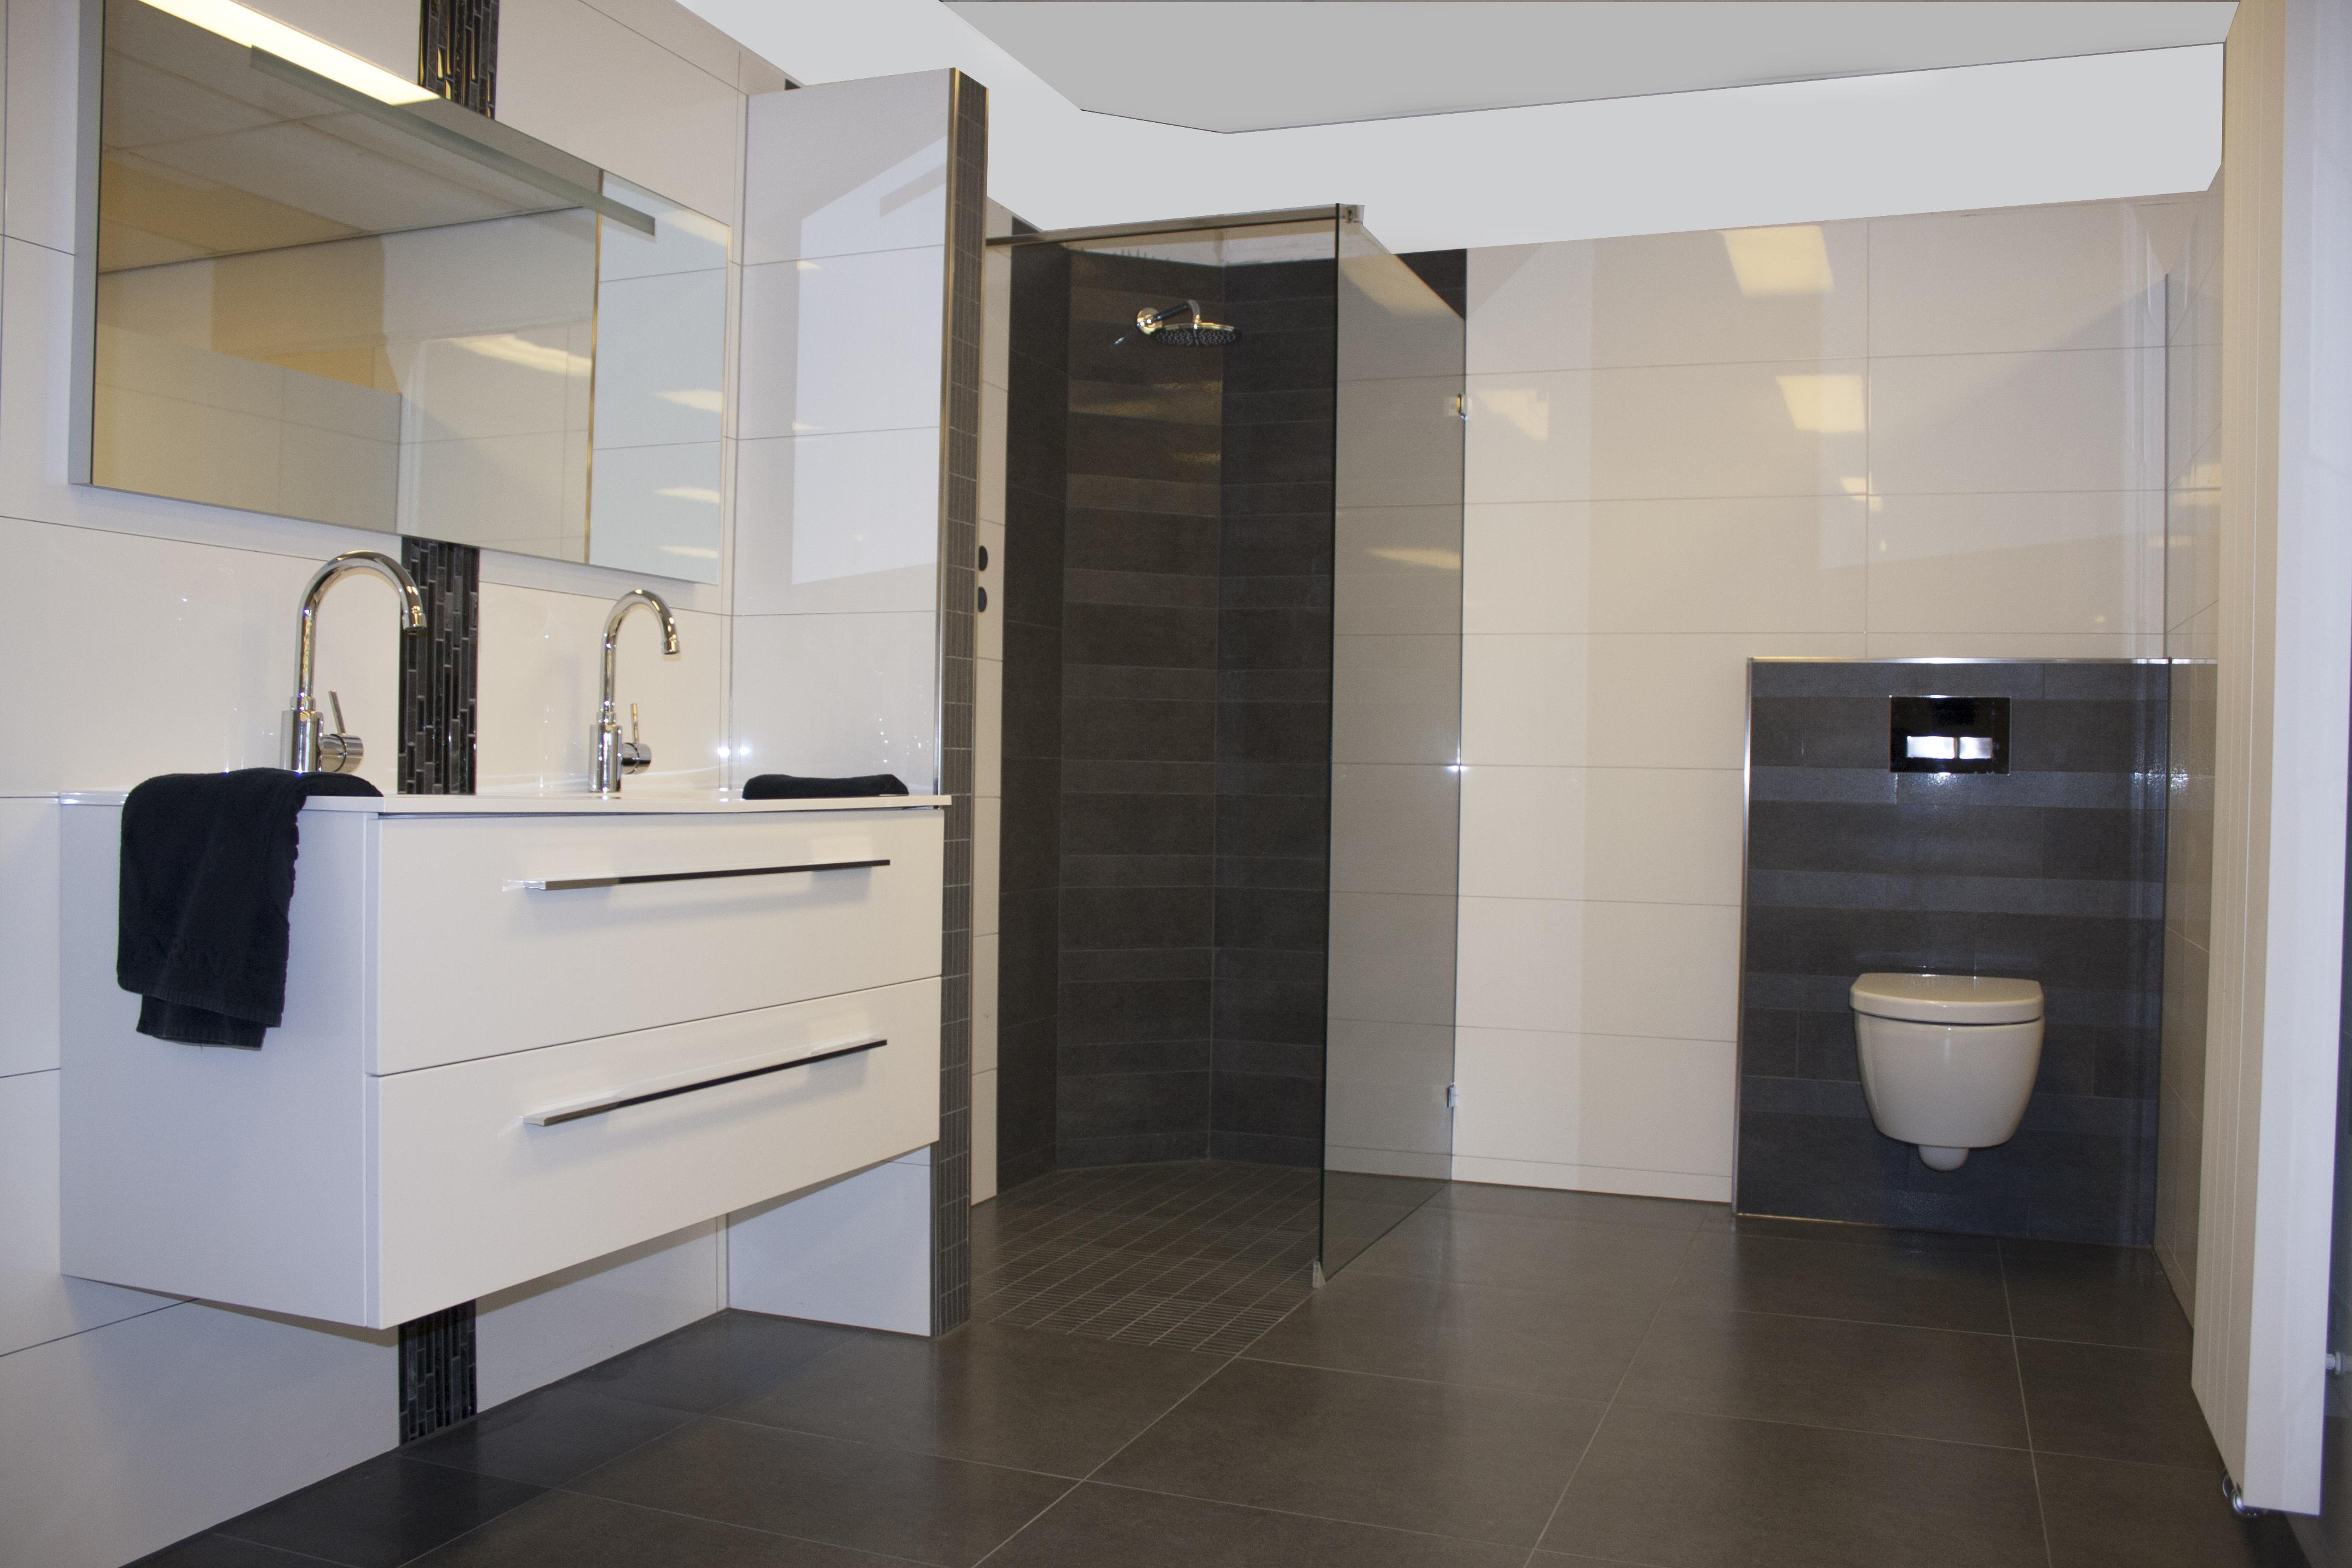 Lekkage onderzoek afvoer badkamer - Lekkage lekdetectie